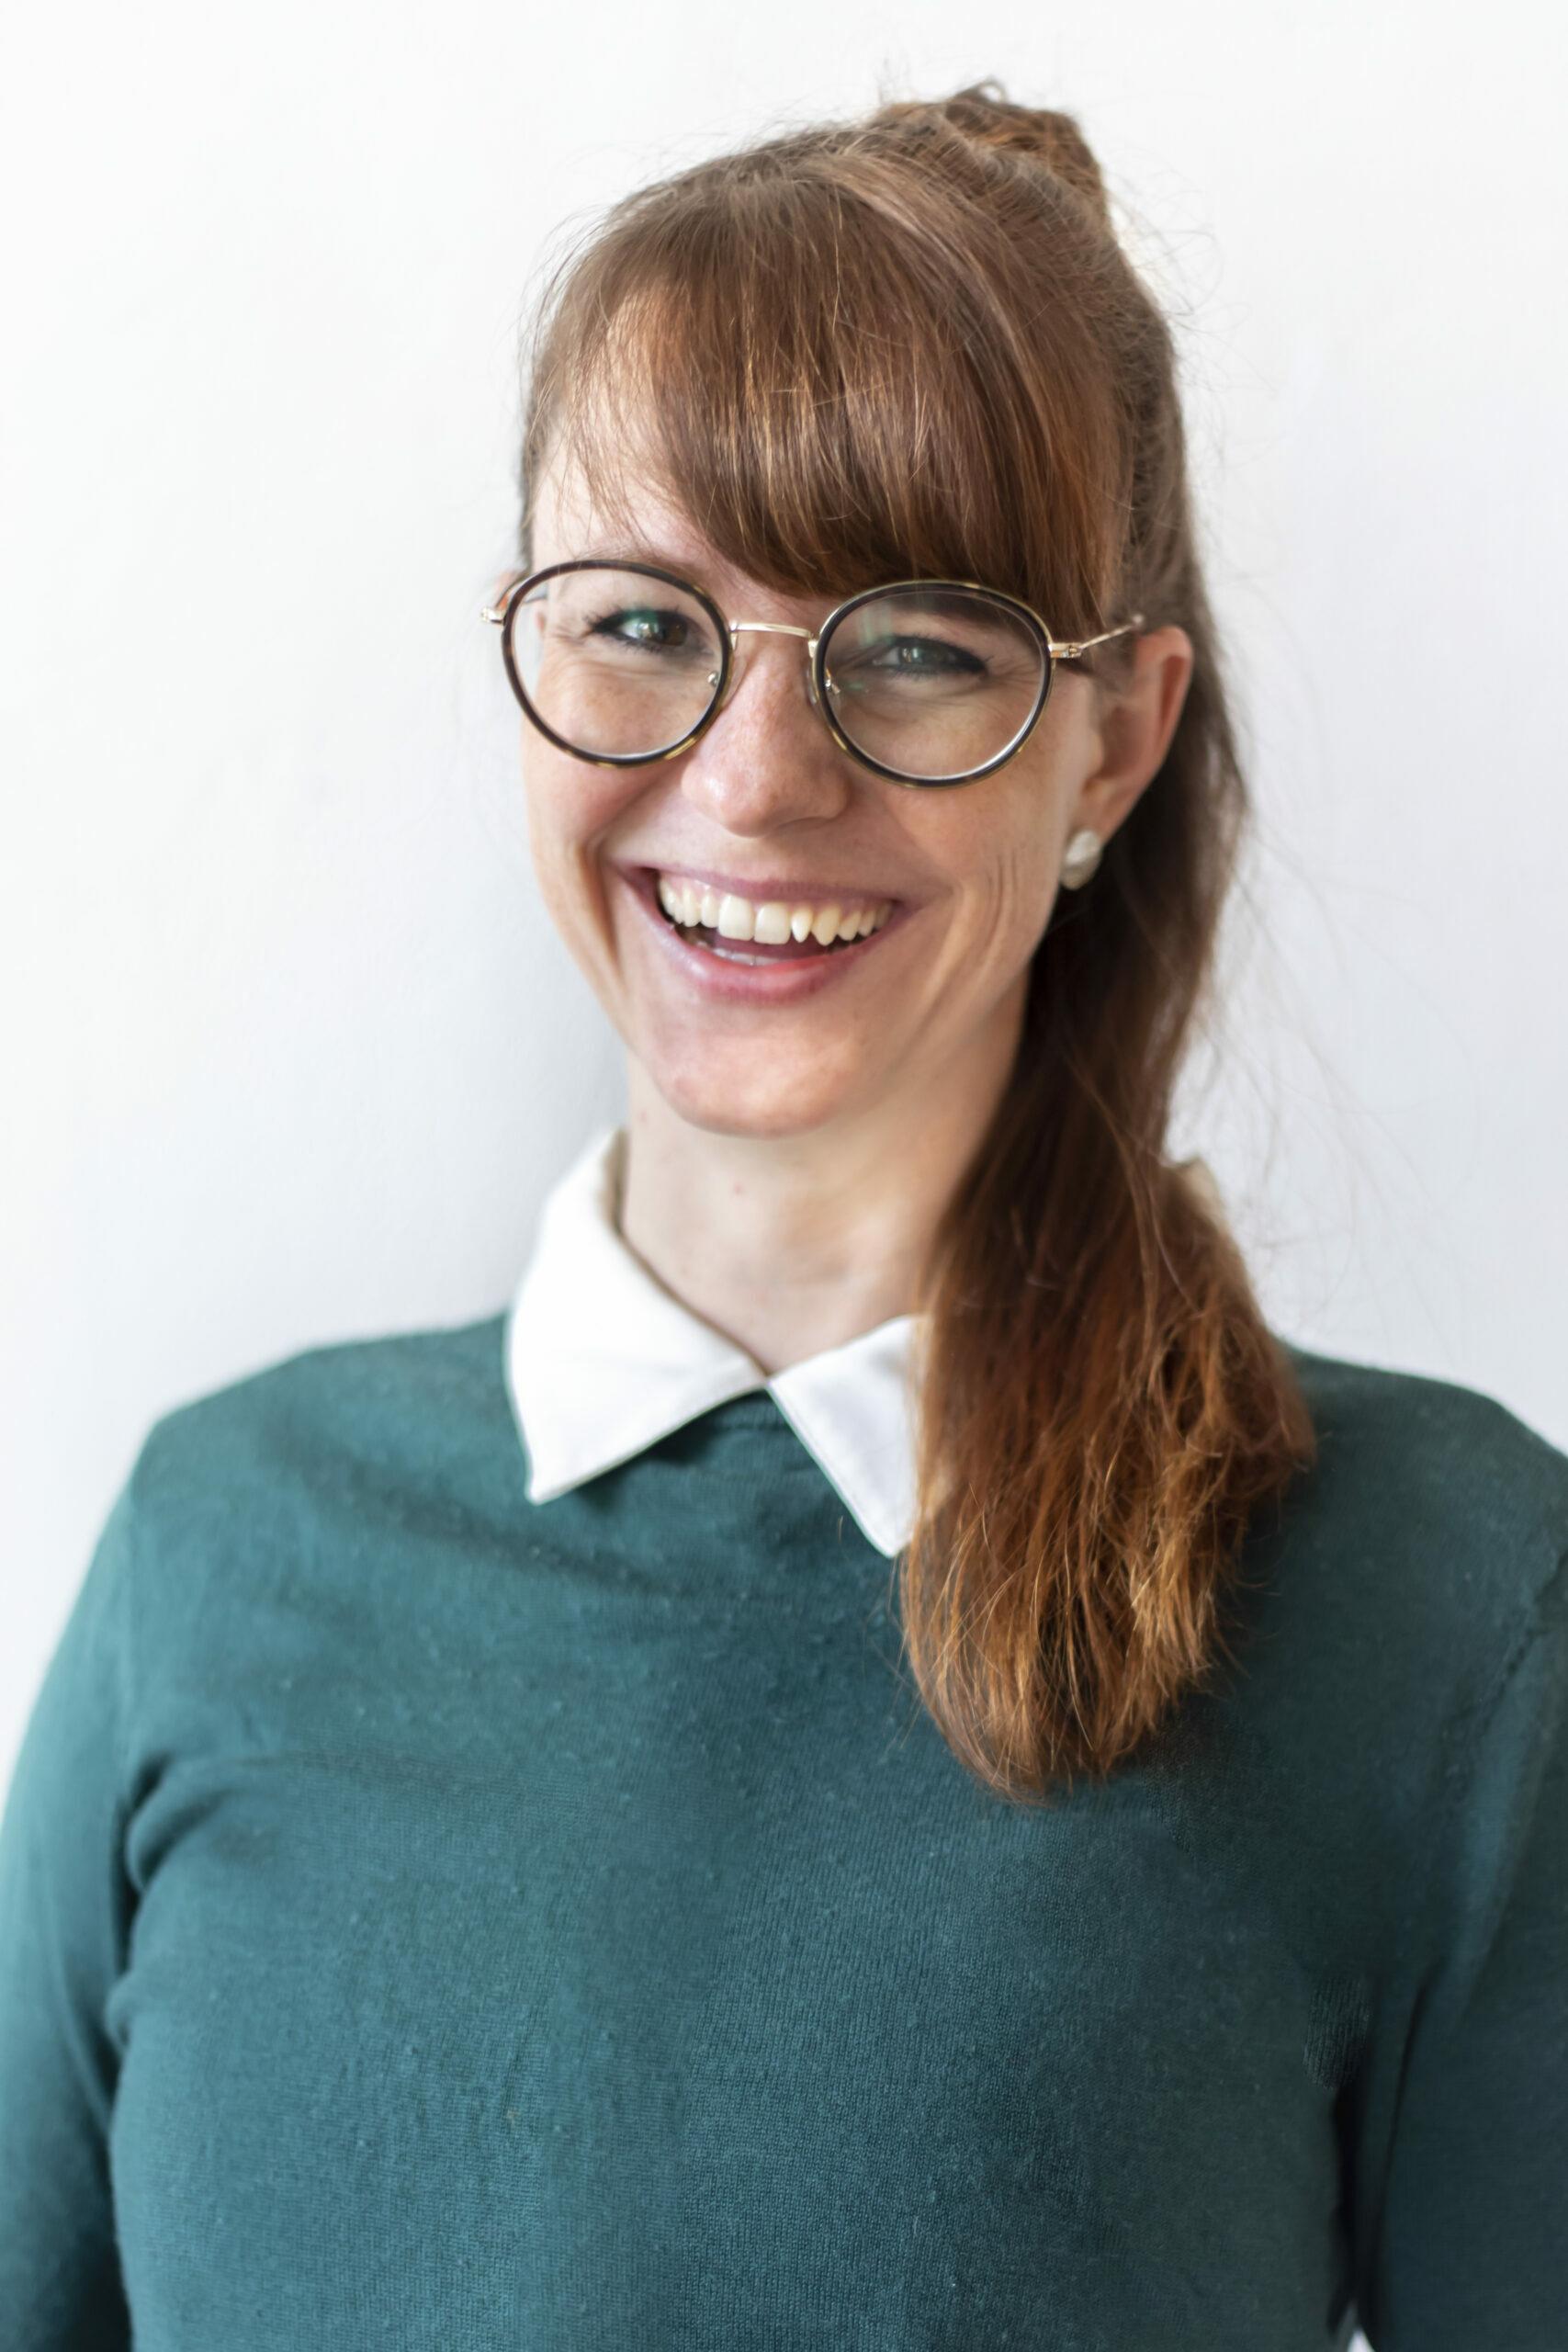 Dr. Stephanie Kossow